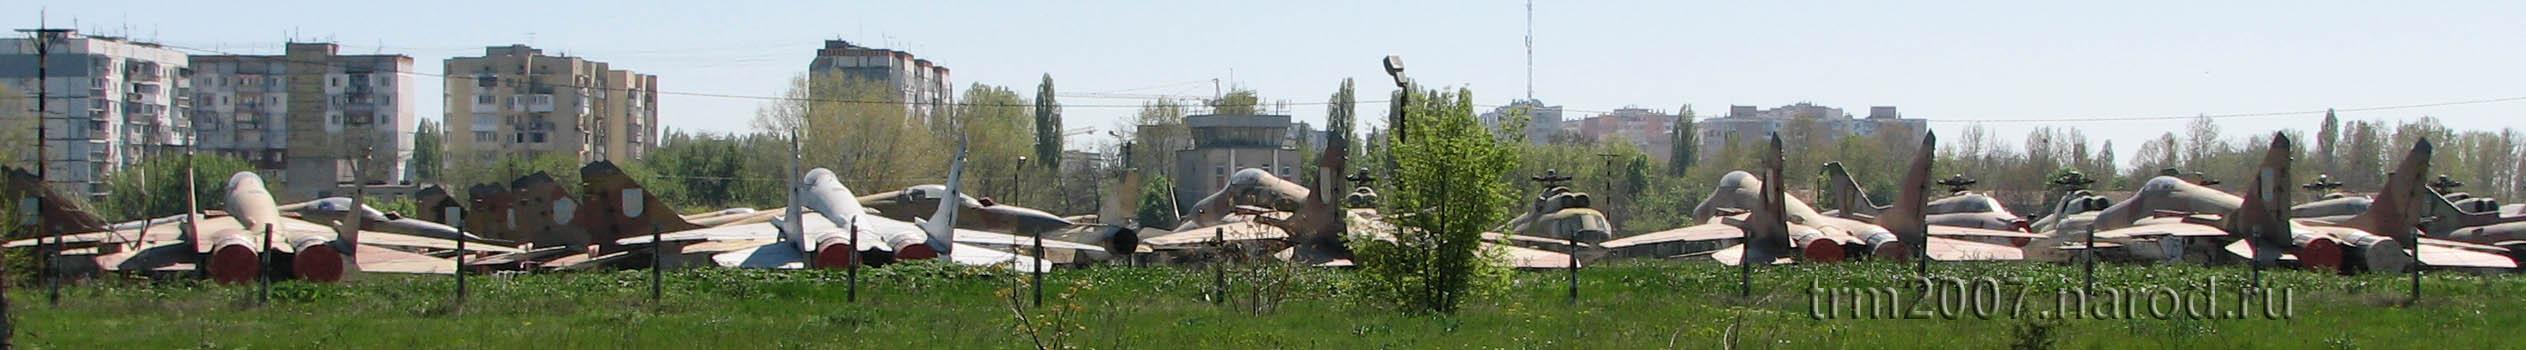 Остатки Украинских ВВС Одесса, Школьный аэродром